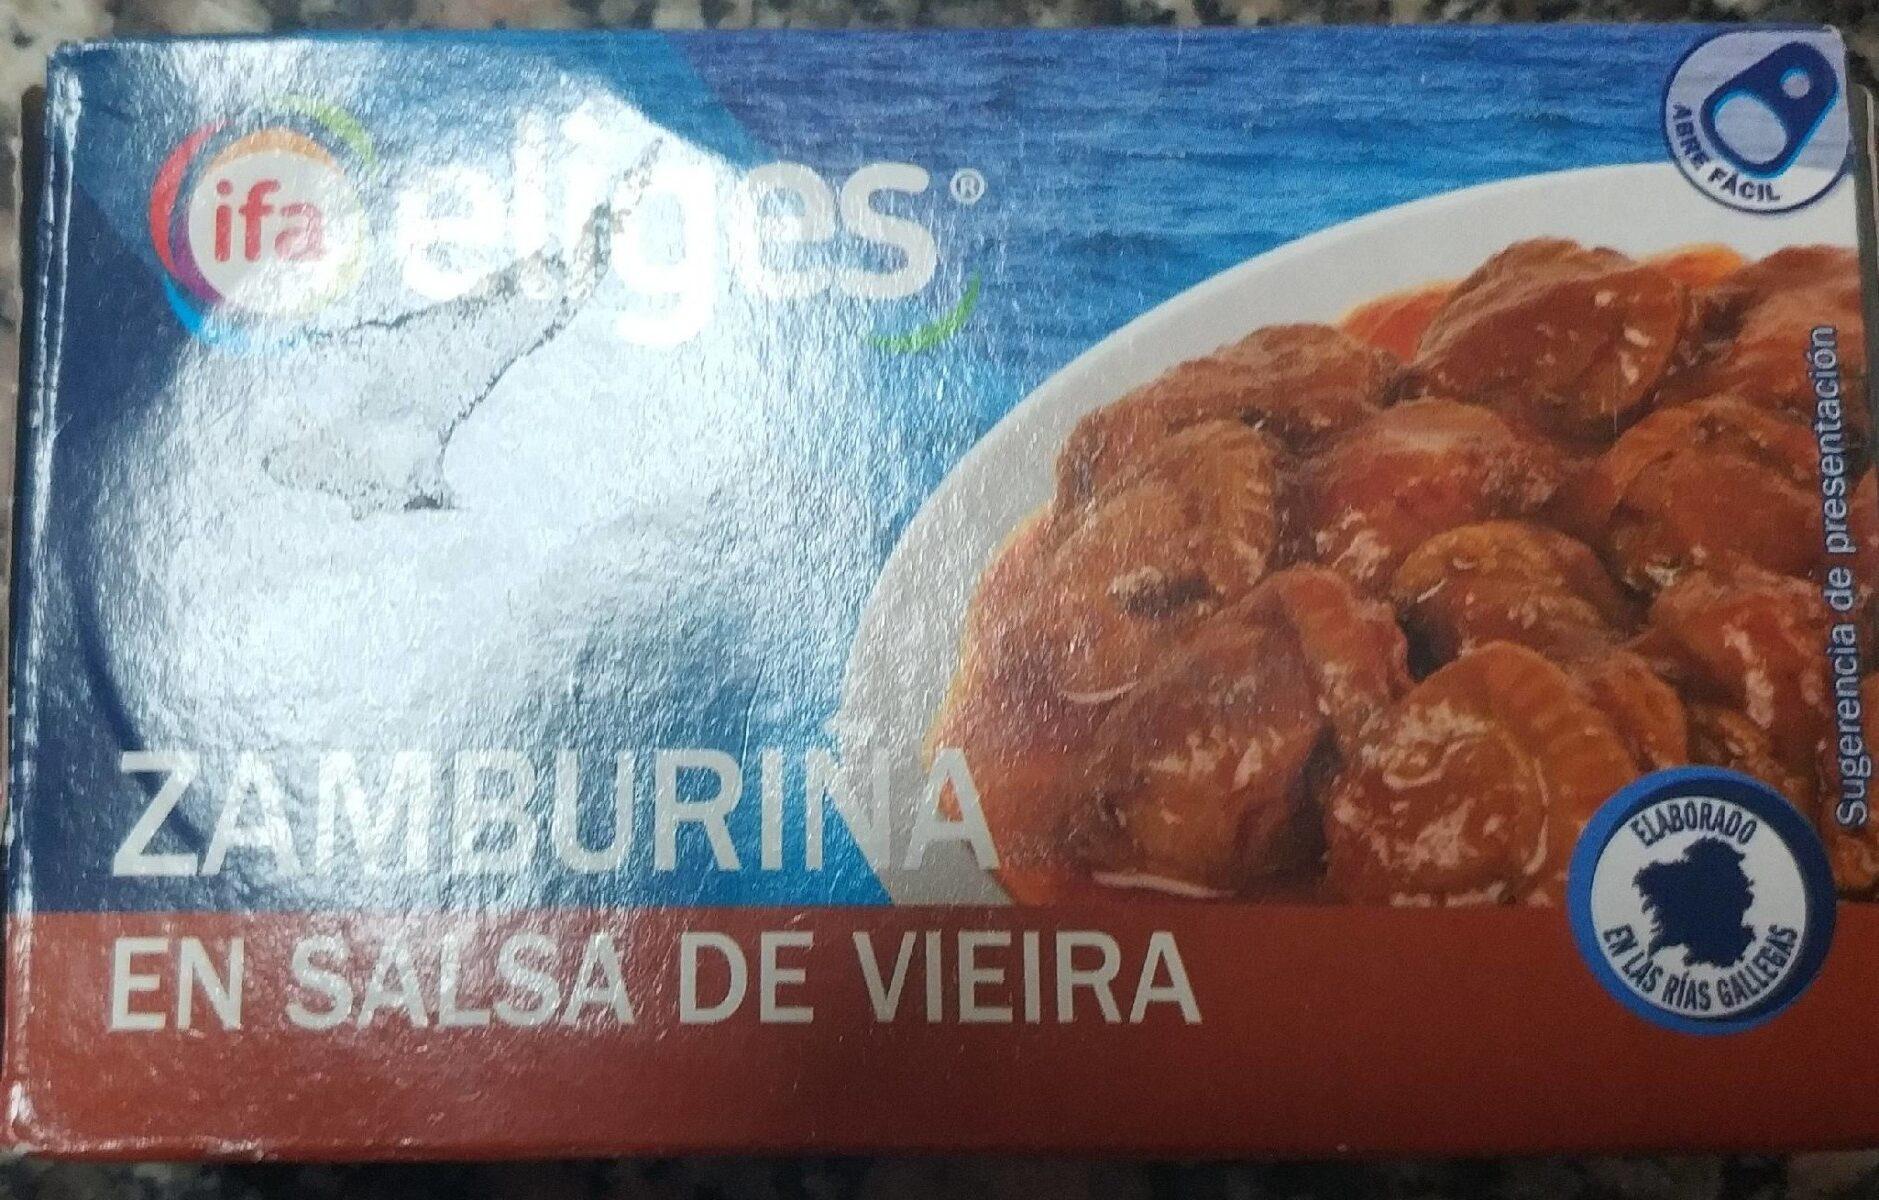 Zamburiña en salsa de vieira - Producto - es